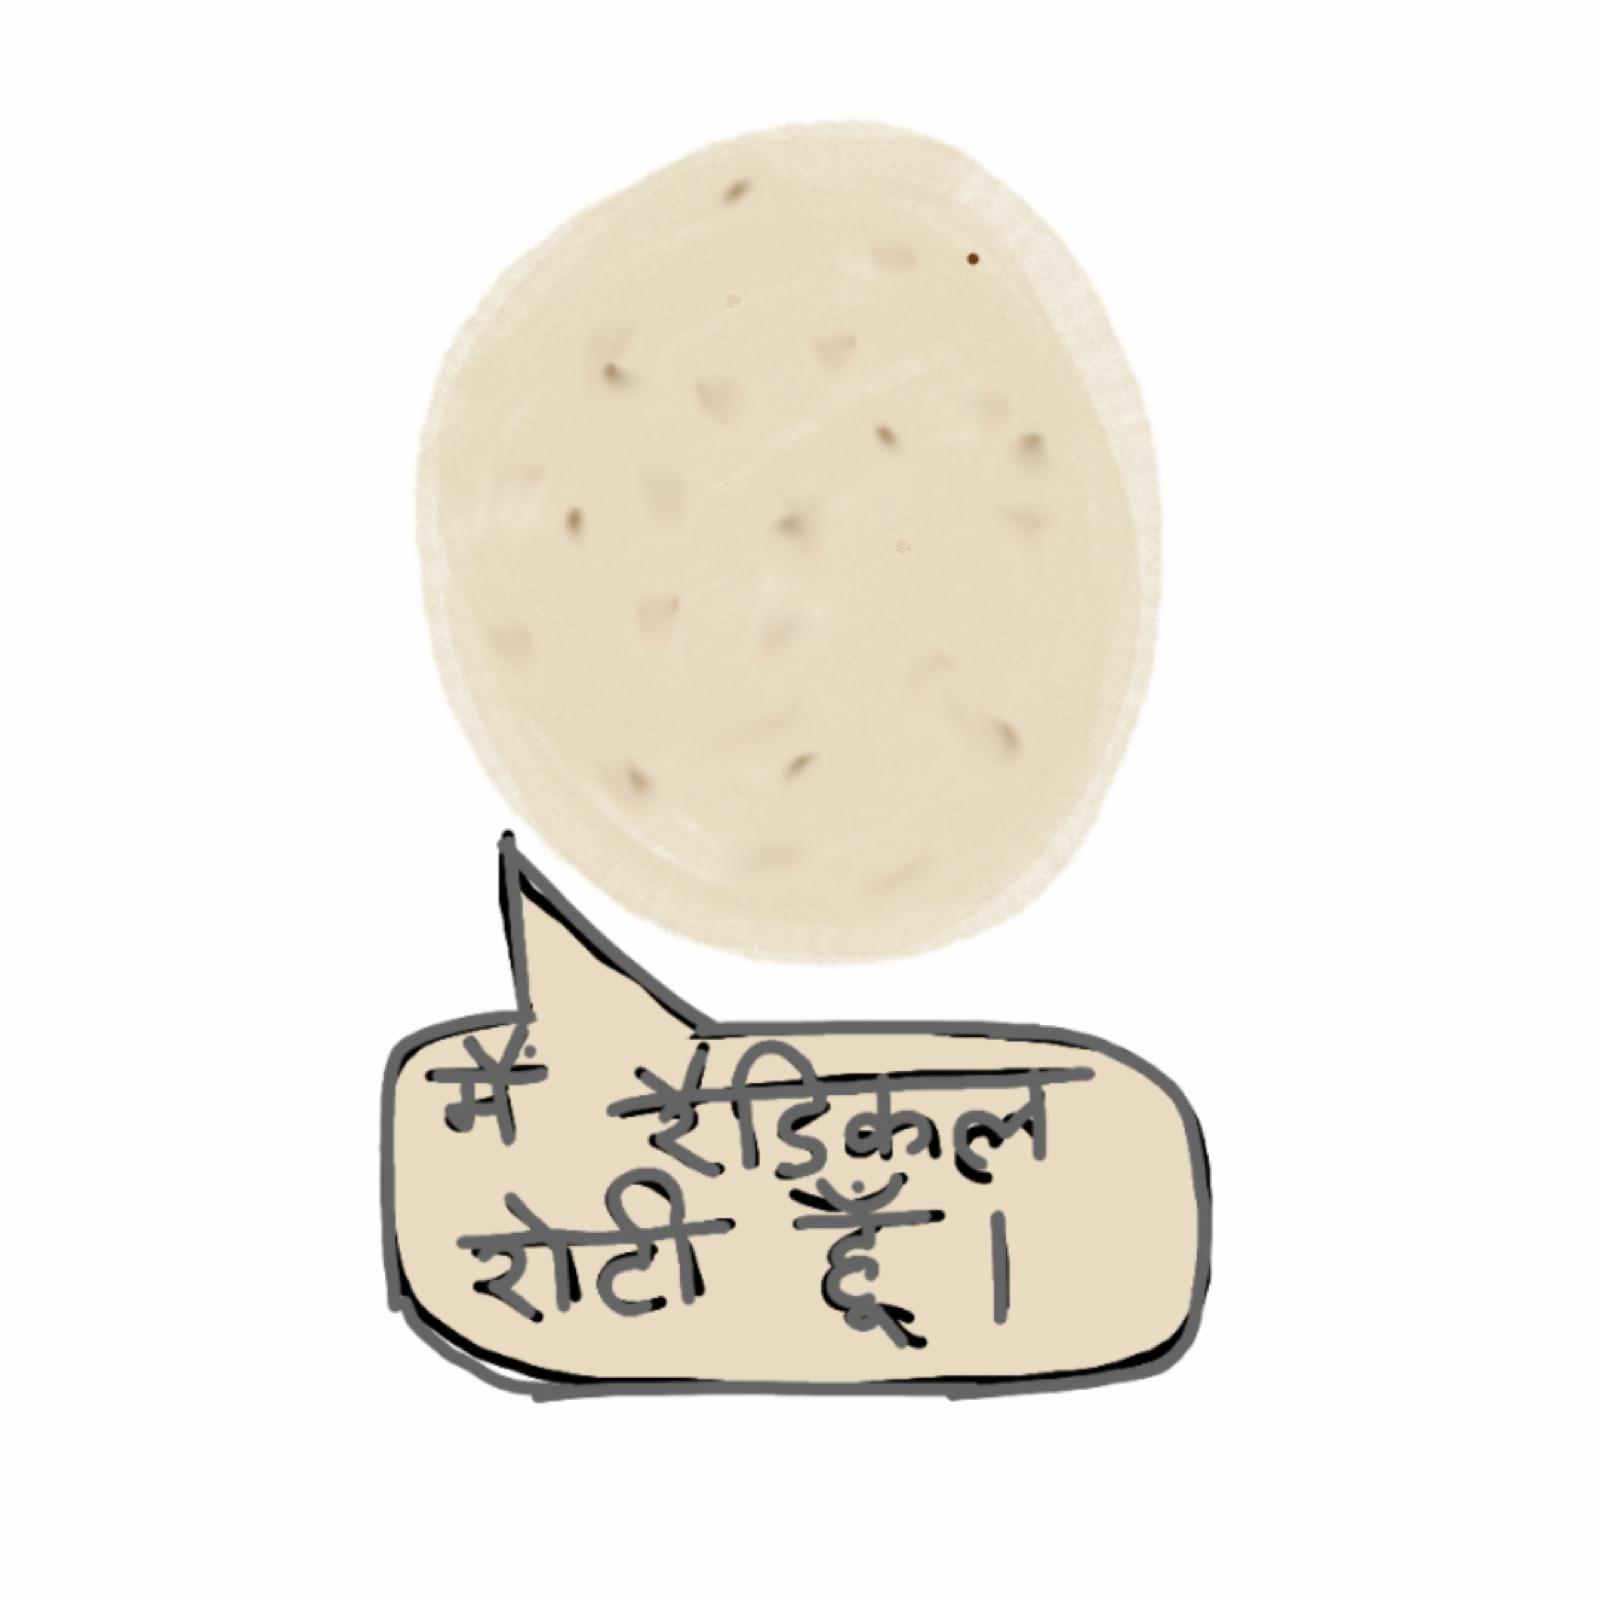 """Vidha Saumya, """"Main radical roti hoon/ I am a radical roti"""", 2018"""